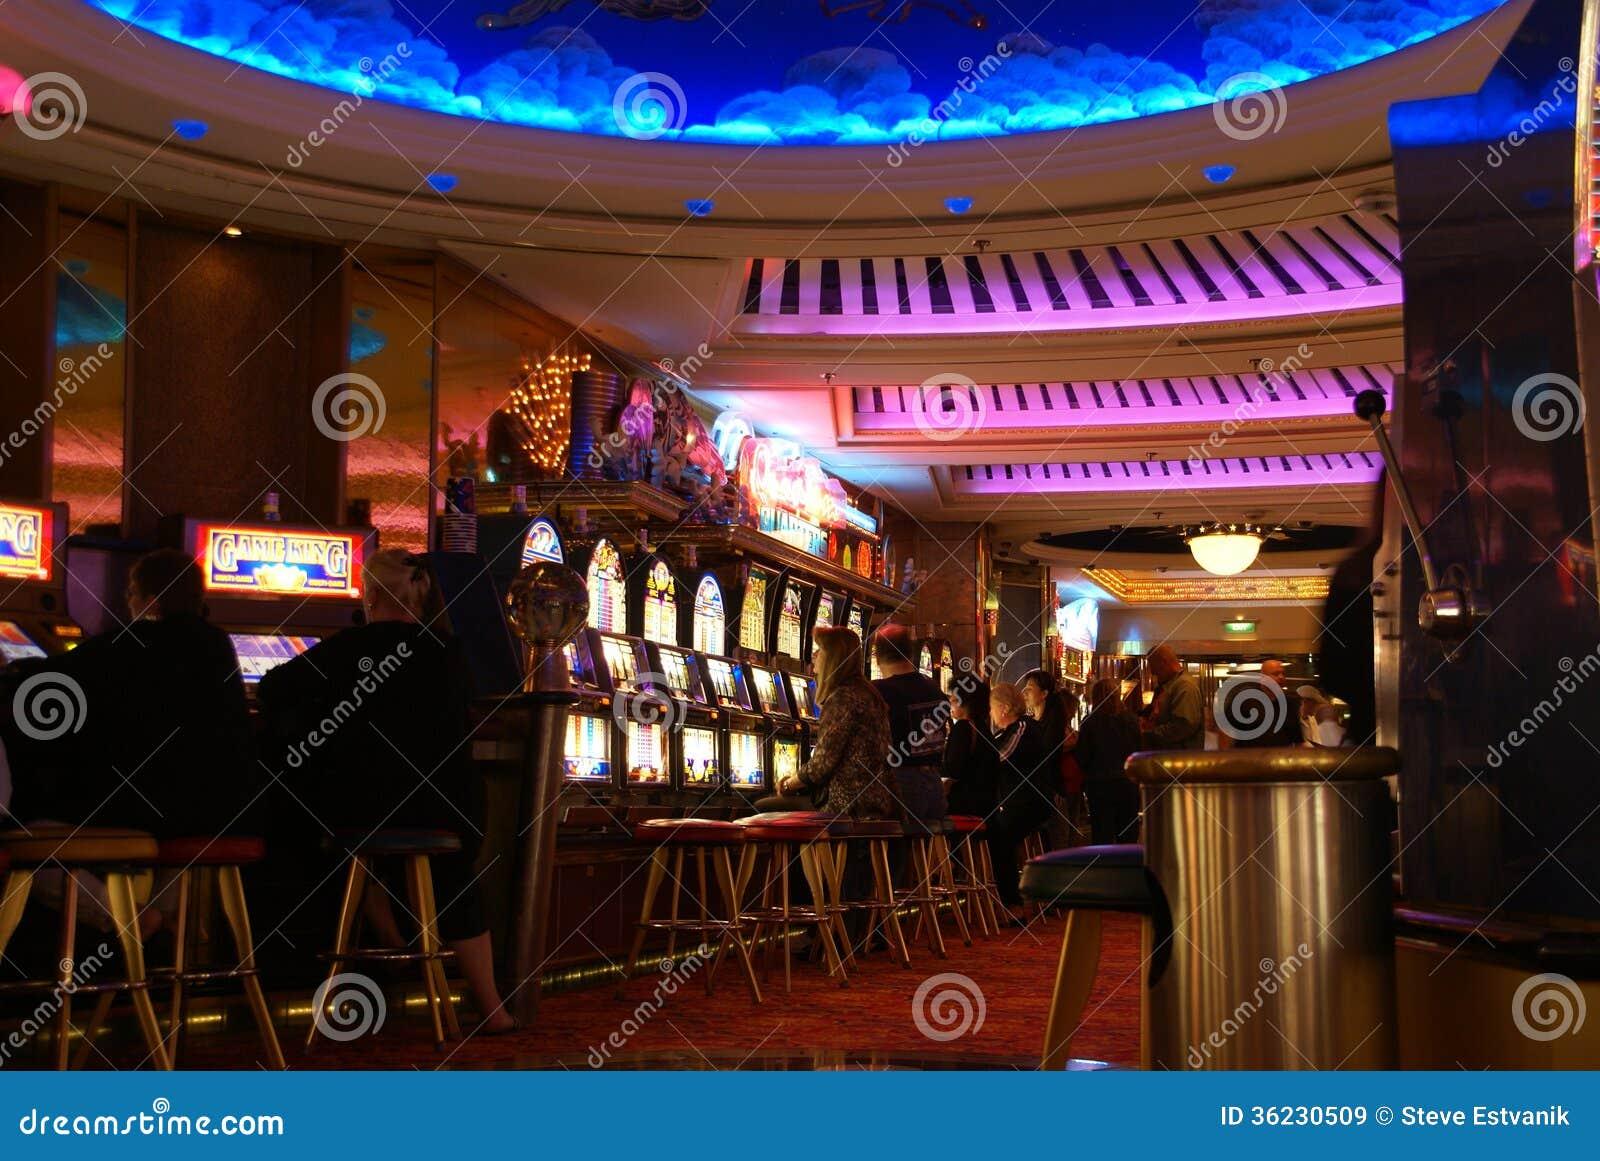 Regelmäßigkeiten Roulette Casino -143604